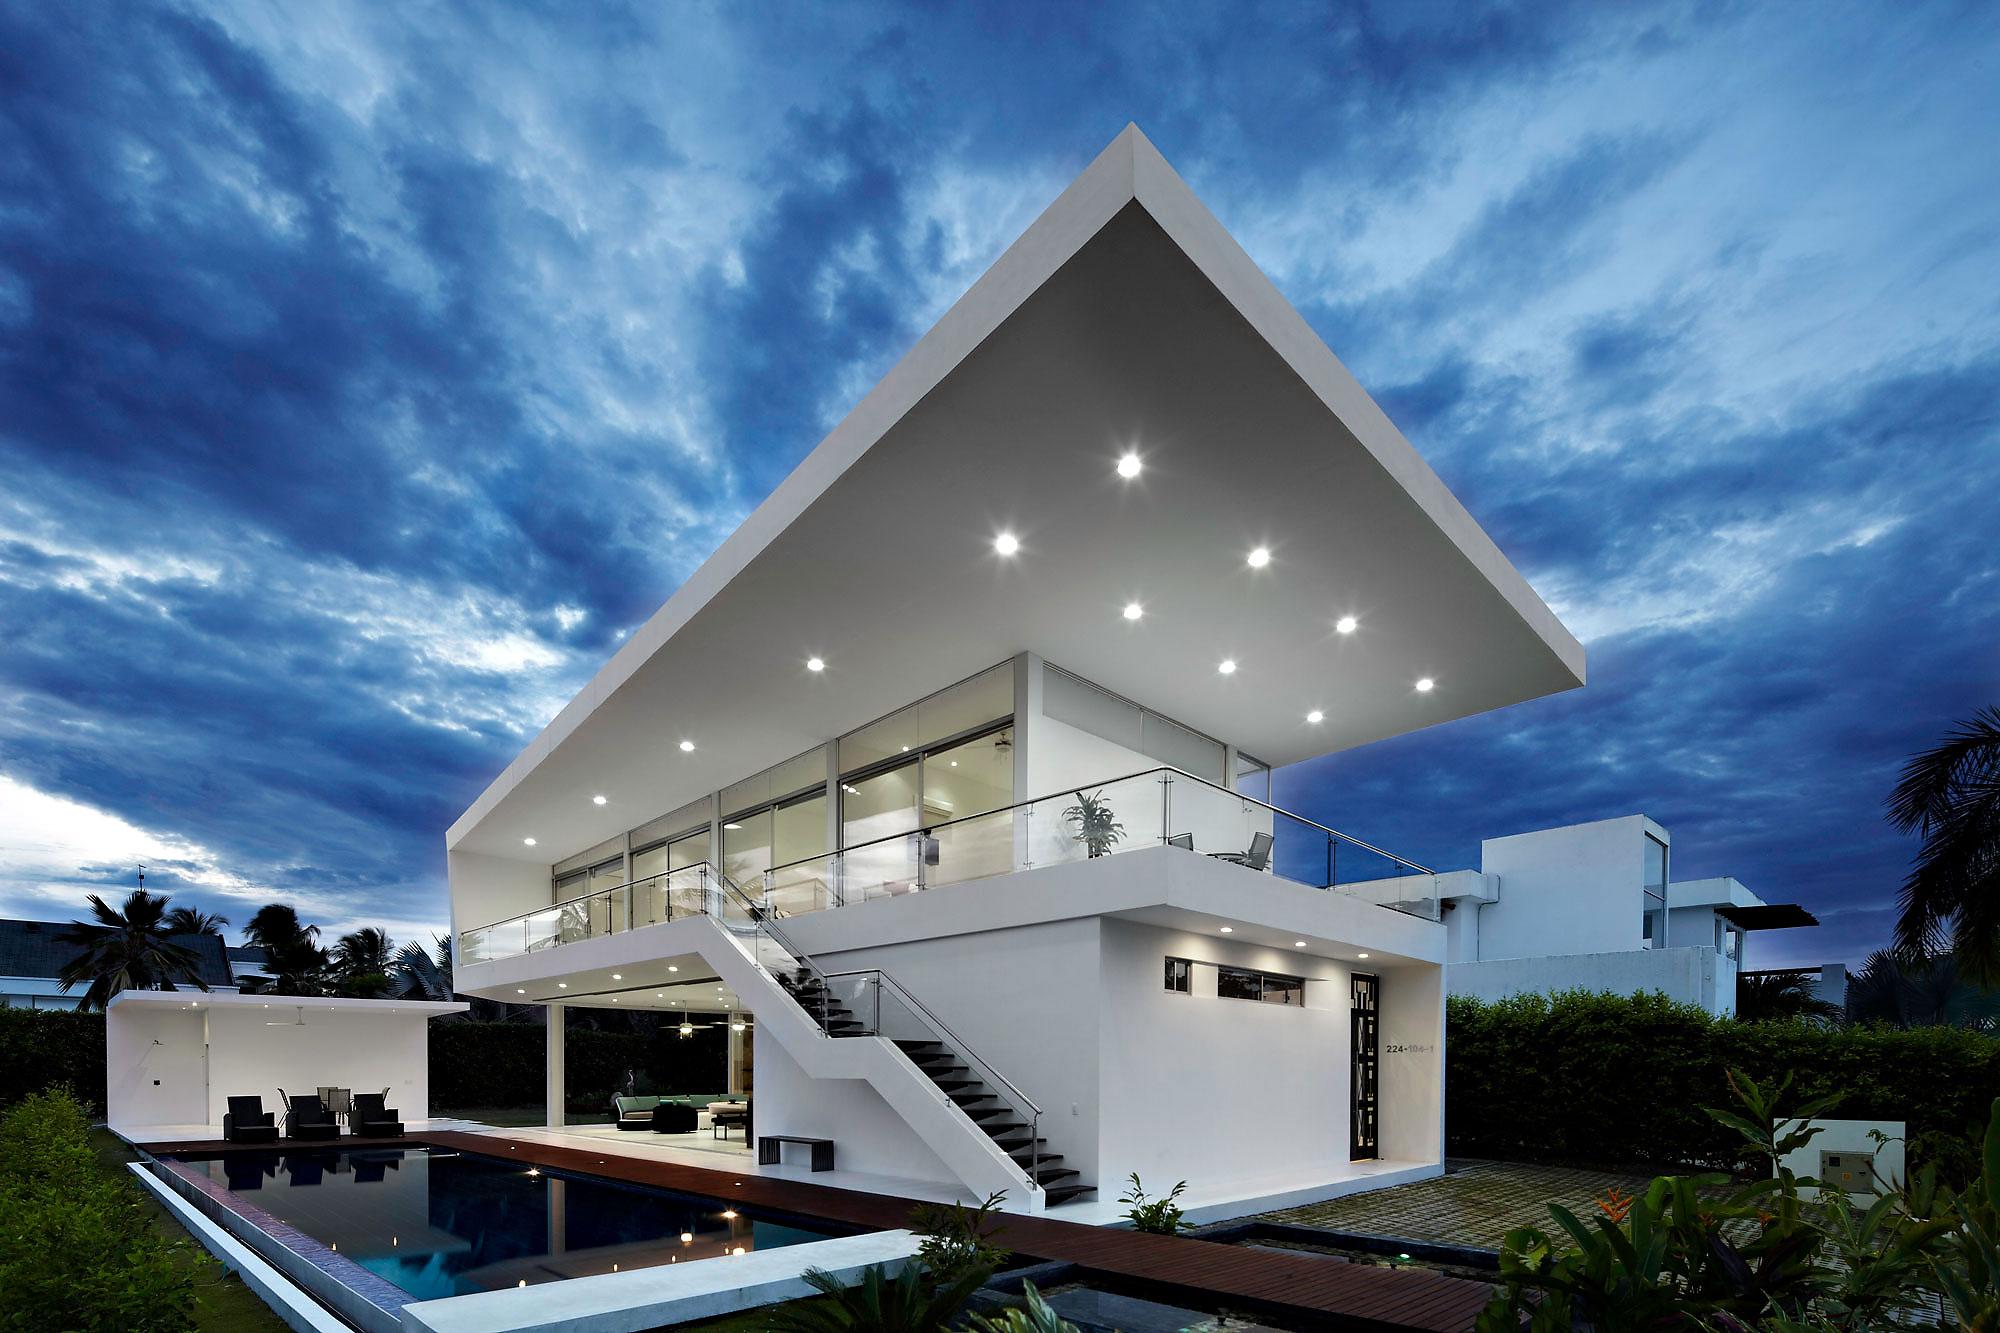 Дом с навесом в стиле хай тек